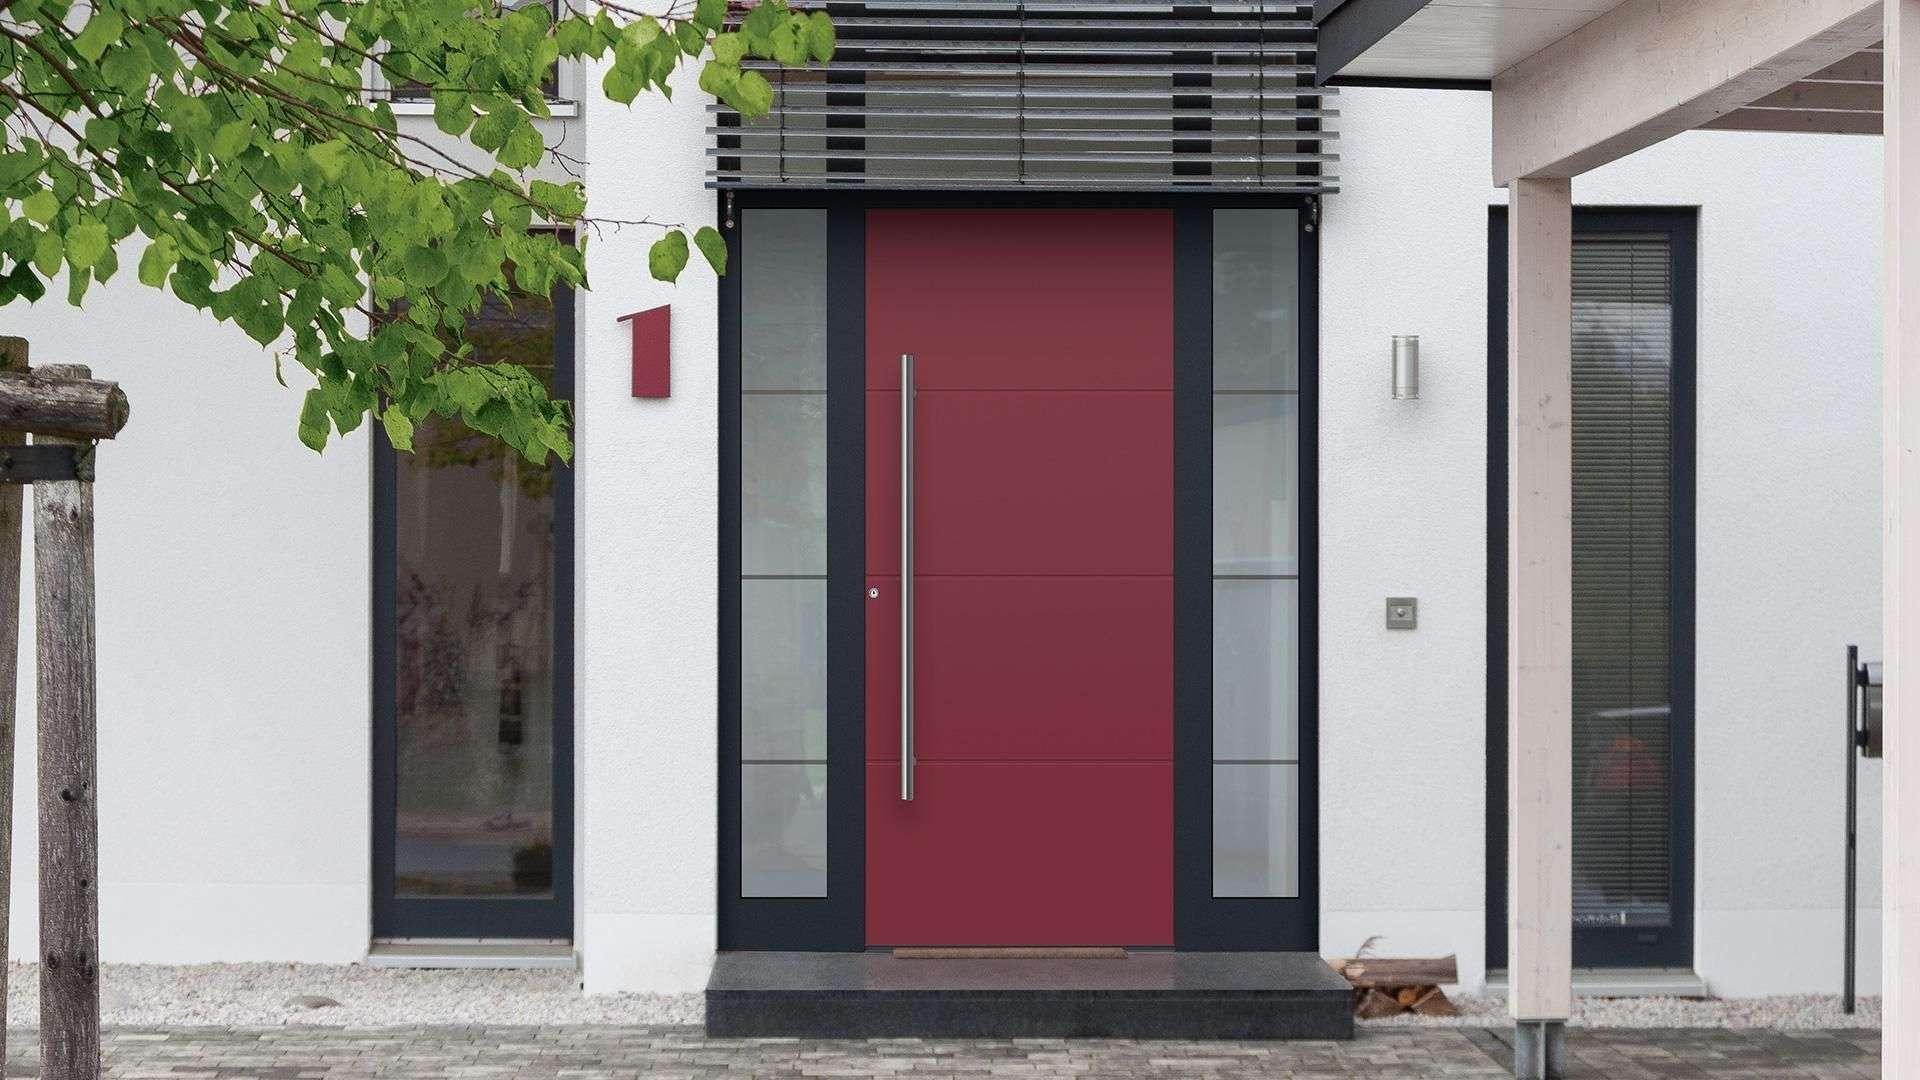 Rote Haustür mit Seitenteilen aus Glas im grauen Rahmen in weißer Fassade